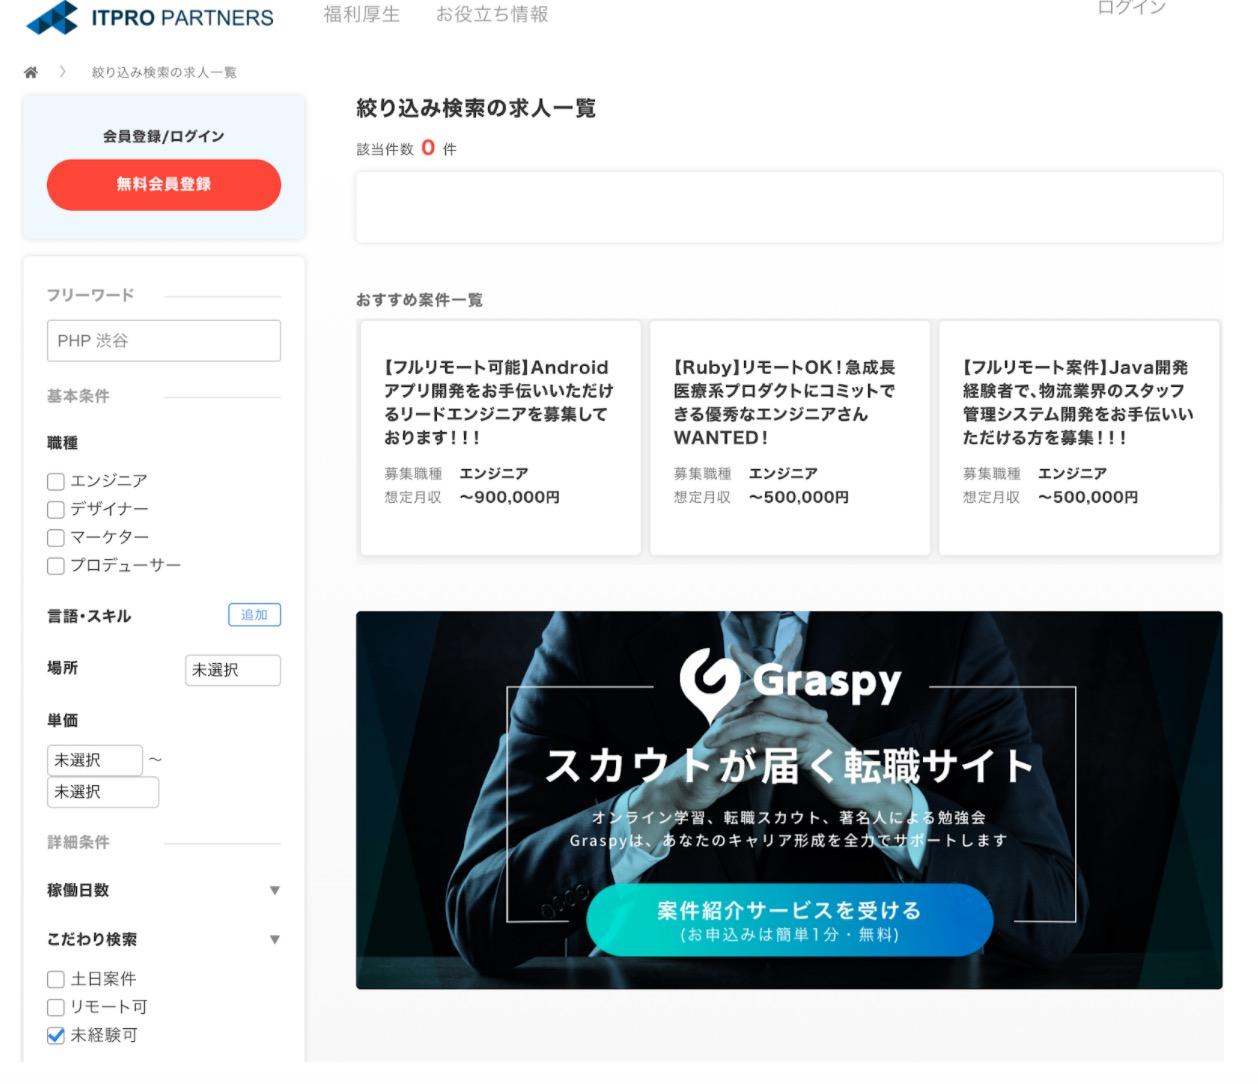 スクリーンショット 2020-11-30 16.40.02